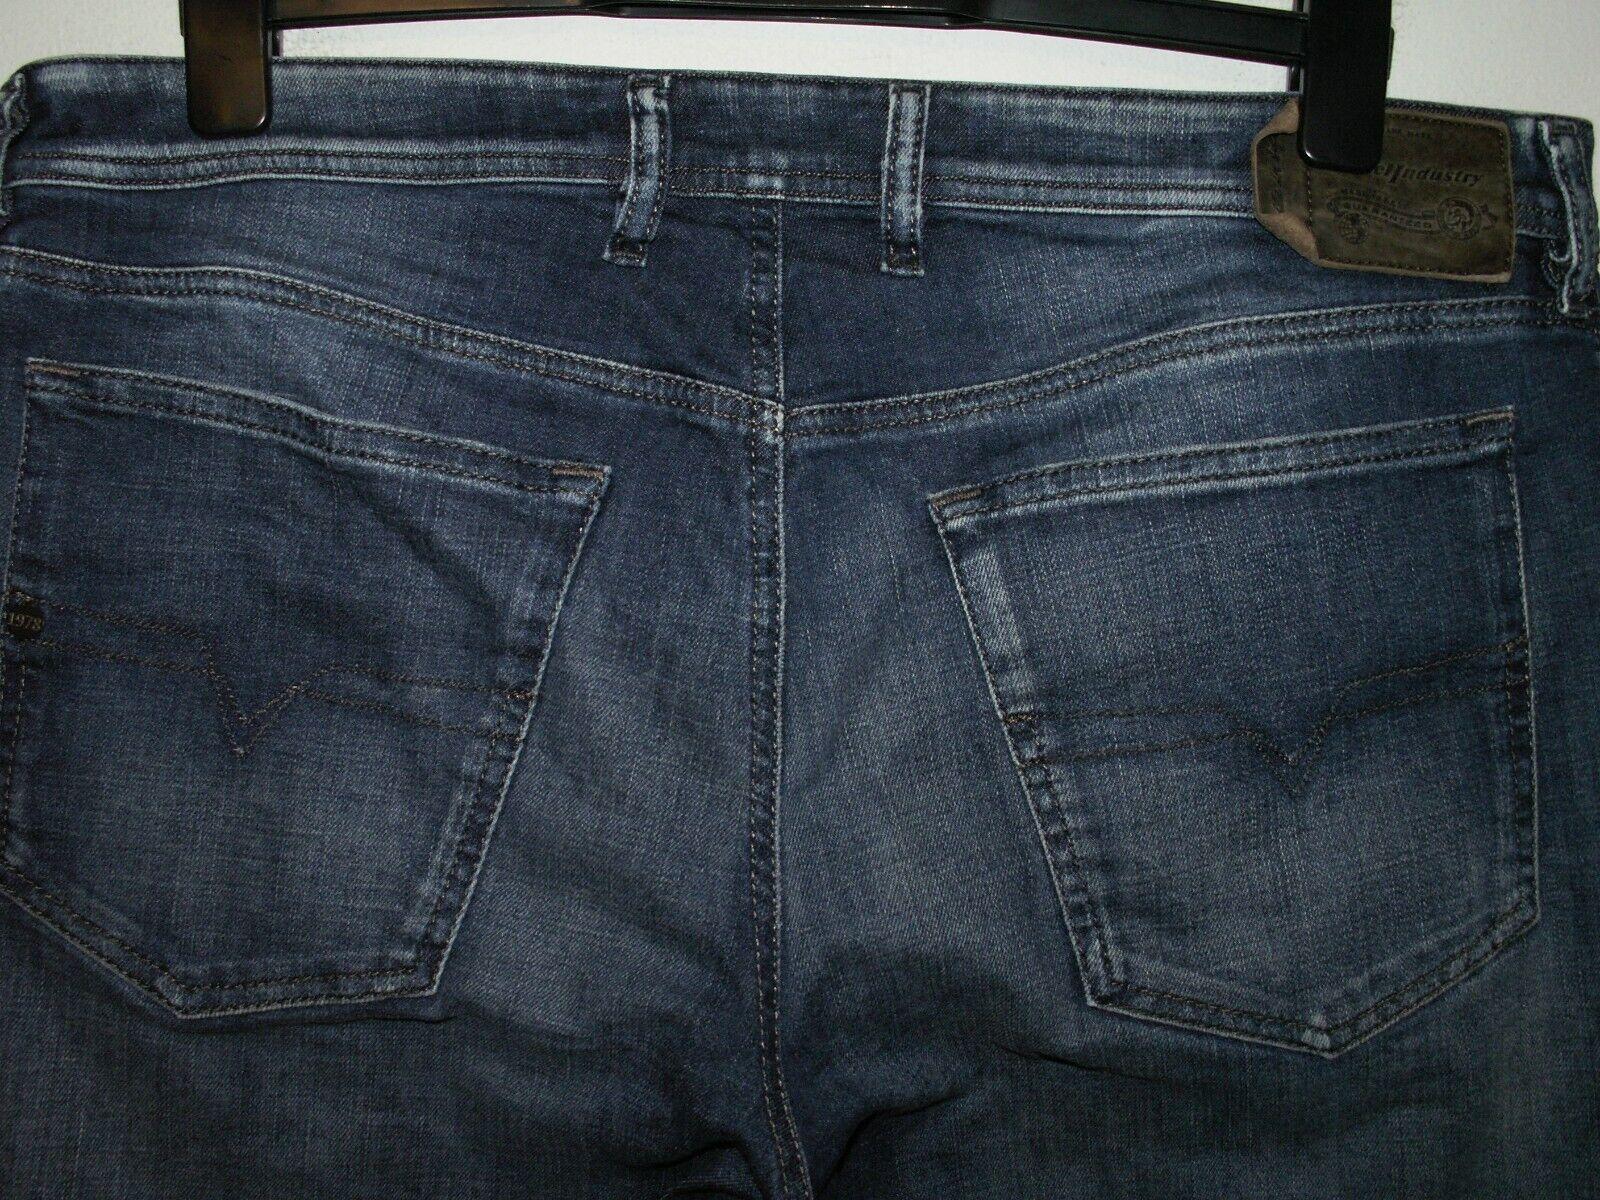 Diesel waykee regular-straight fit jeans wash 0831C stretch W38(37) L32 a4721  | Bequeme Berührung  | Neu  | Online Kaufen